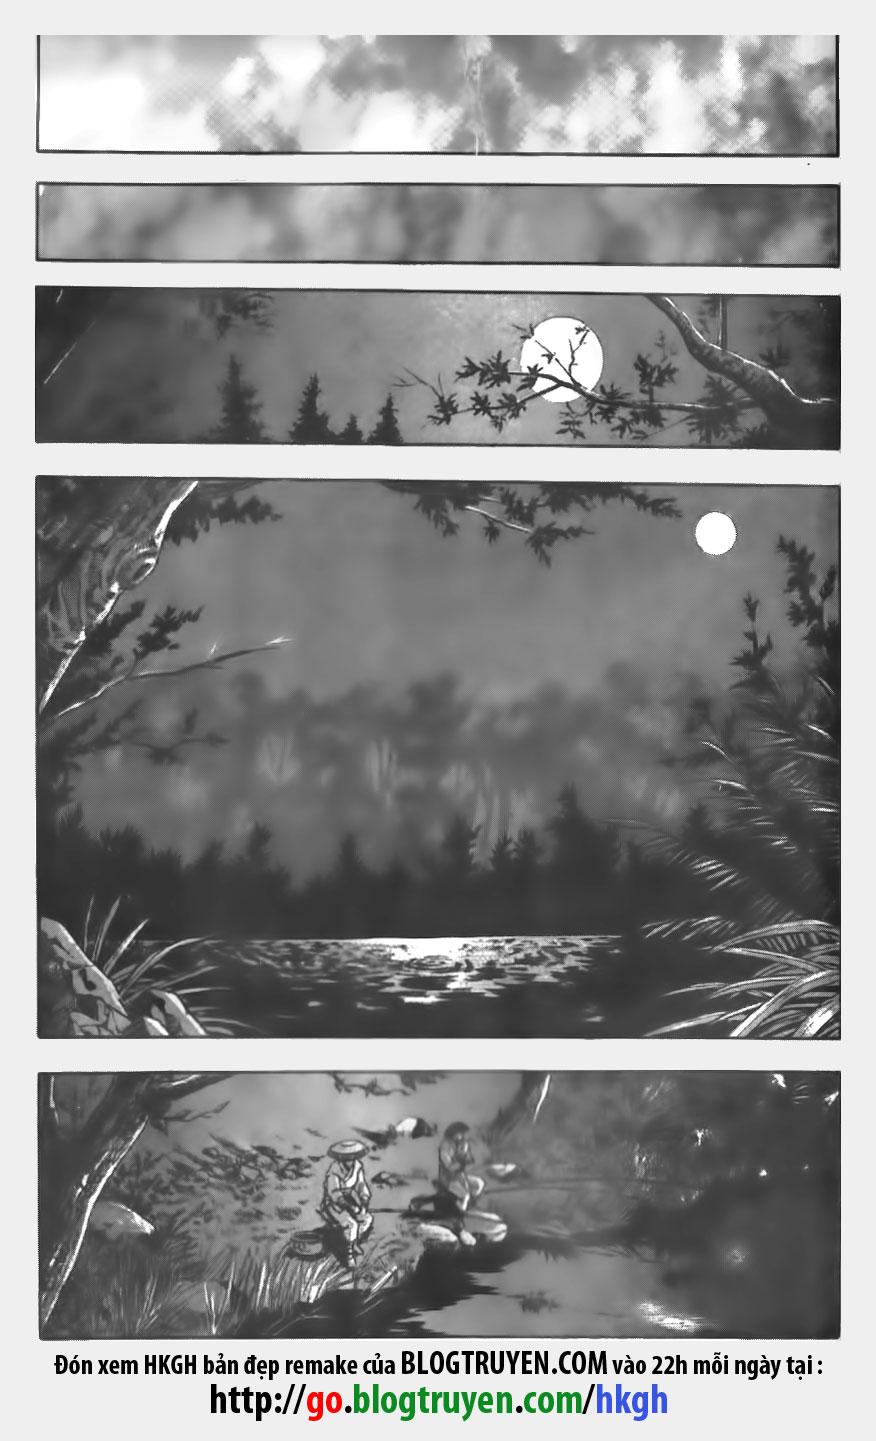 xem truyen moi - Hiệp Khách Giang Hồ Vol10 - Chap 068 - Remake